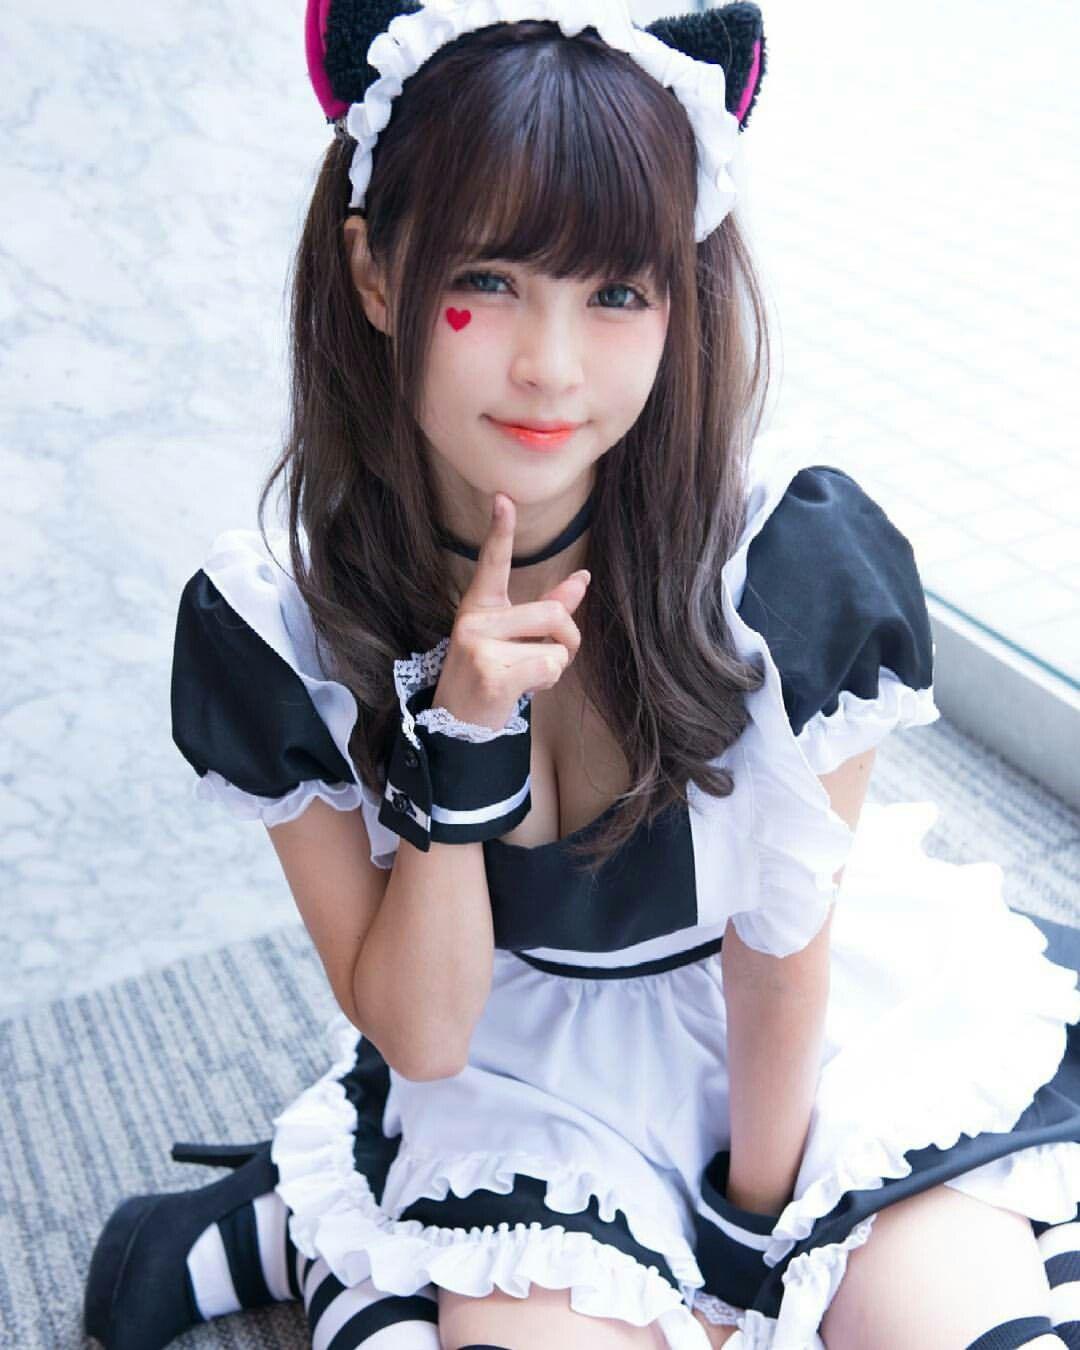 japanese cosplayer cosplay cosplay cosplay girls kawaii cosplay